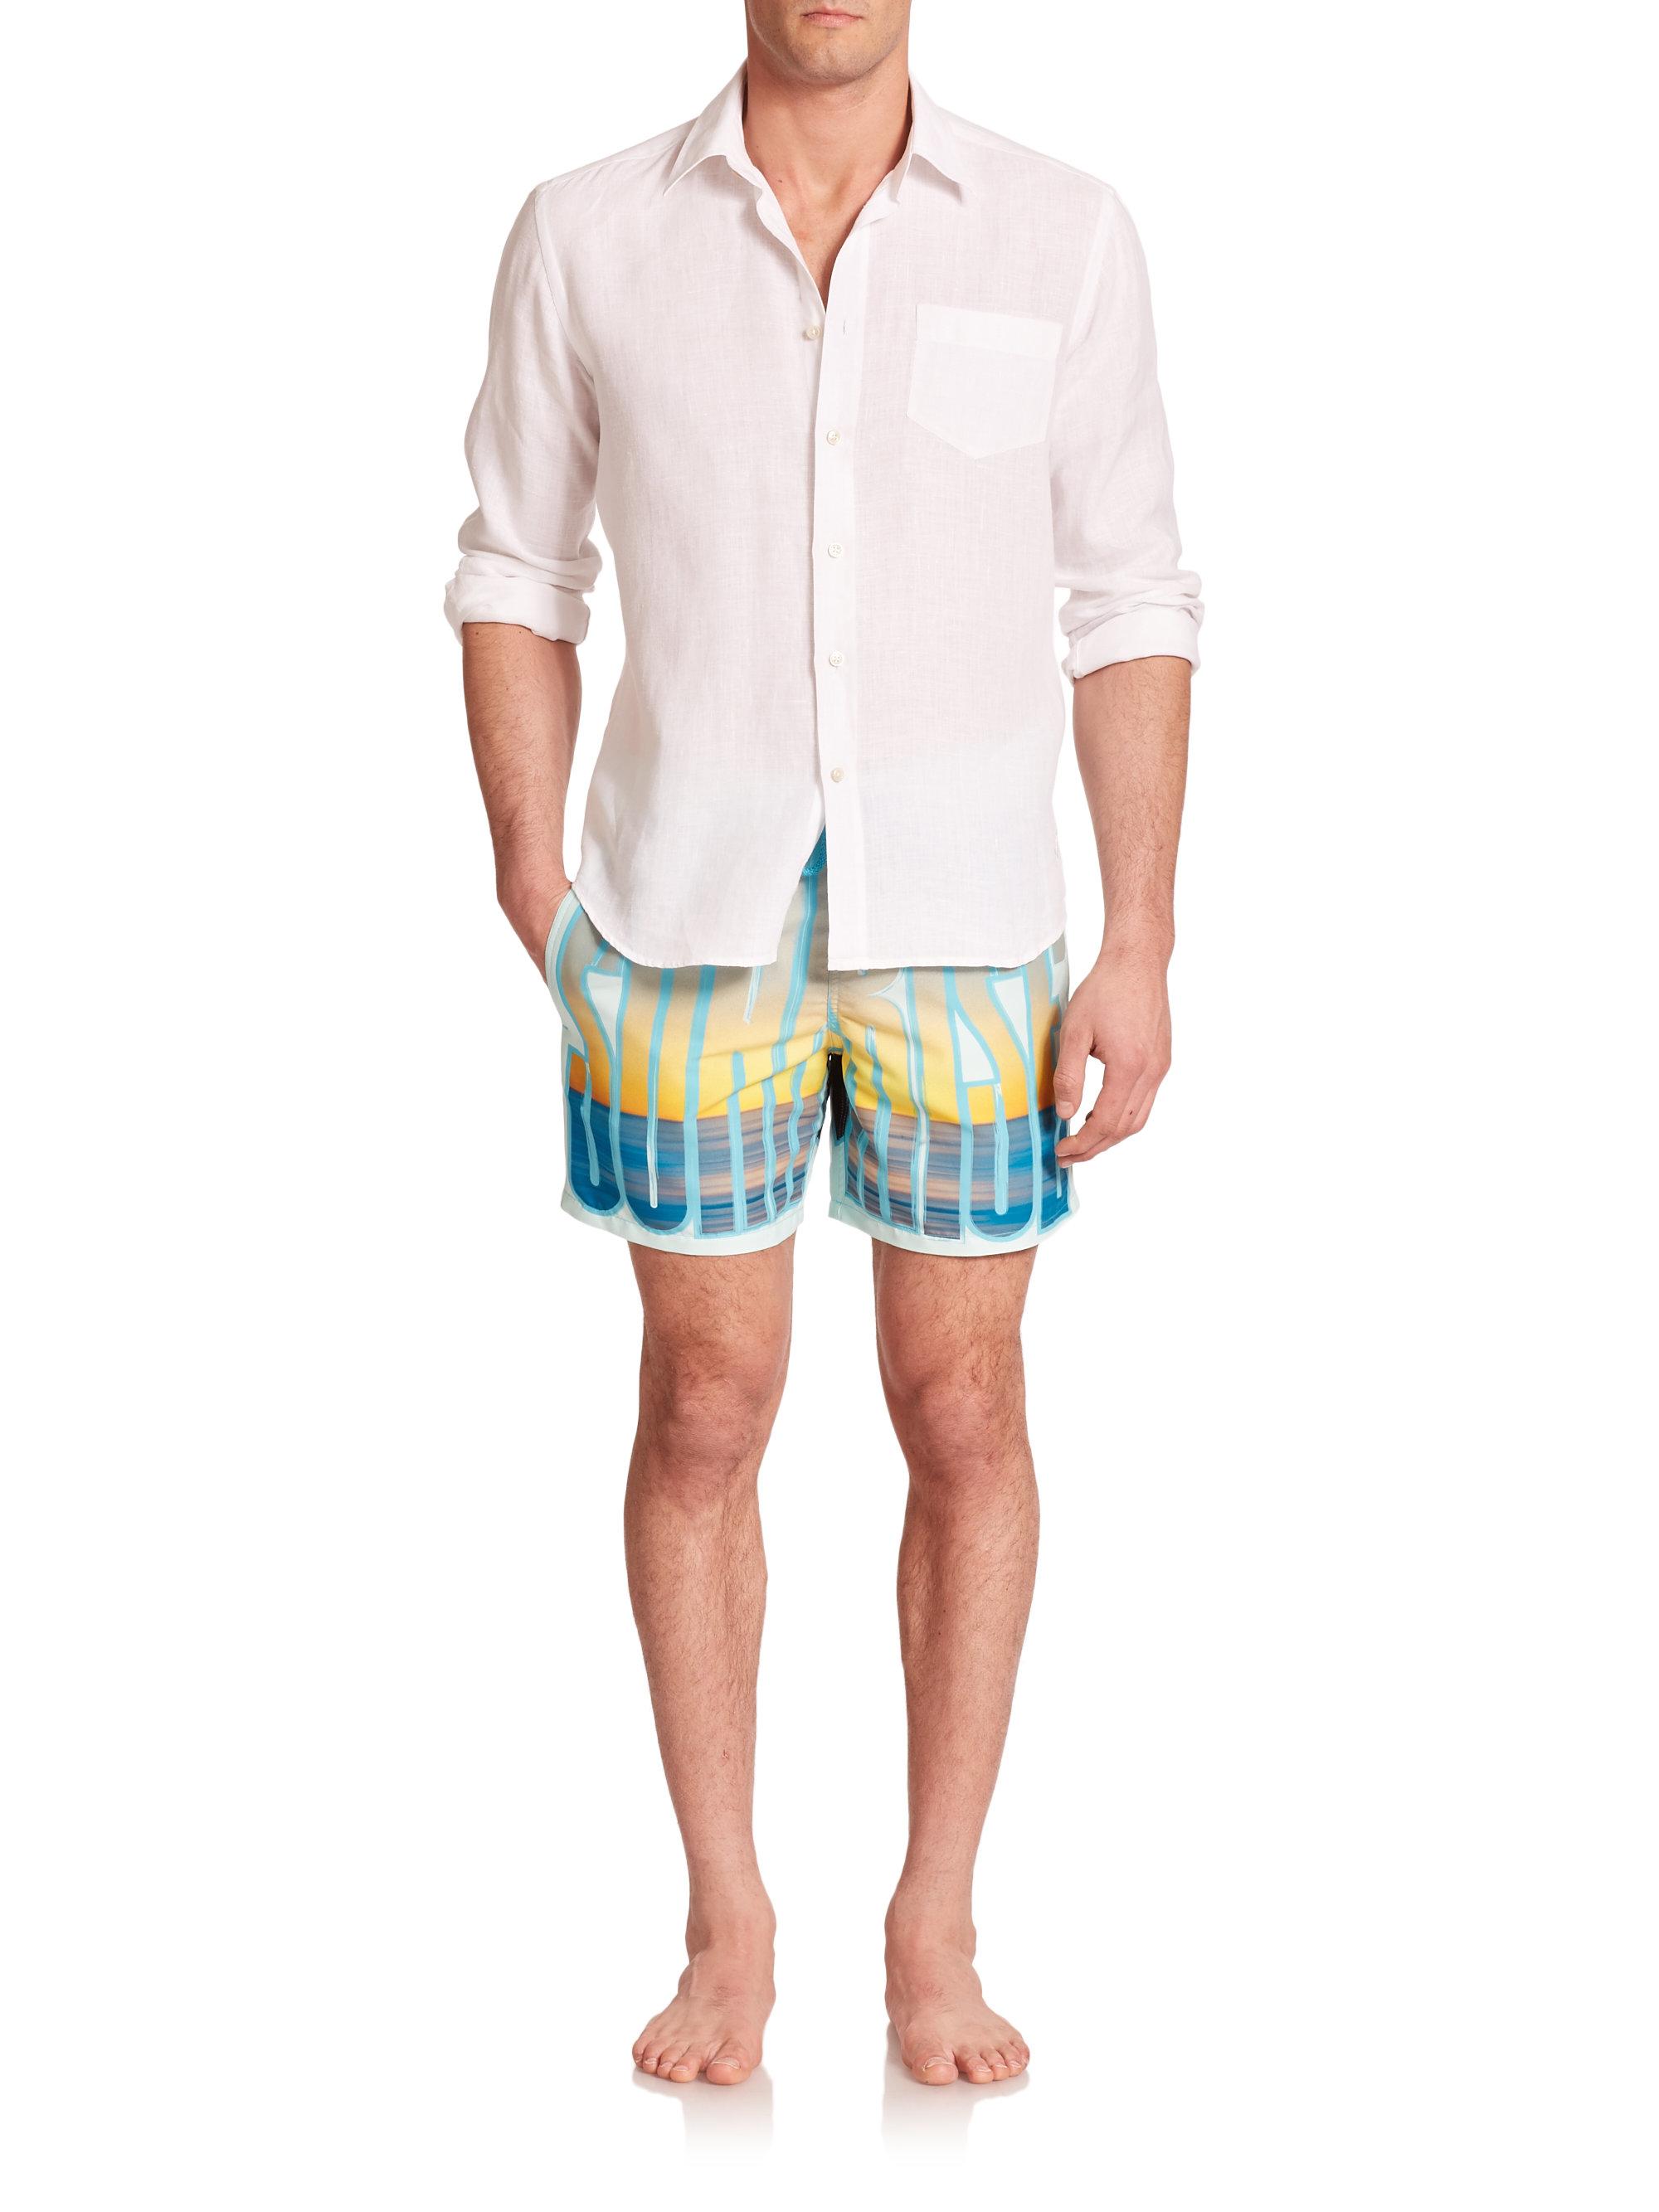 lyst vilebrequin moorea printed swim trunks in blue for men. Black Bedroom Furniture Sets. Home Design Ideas